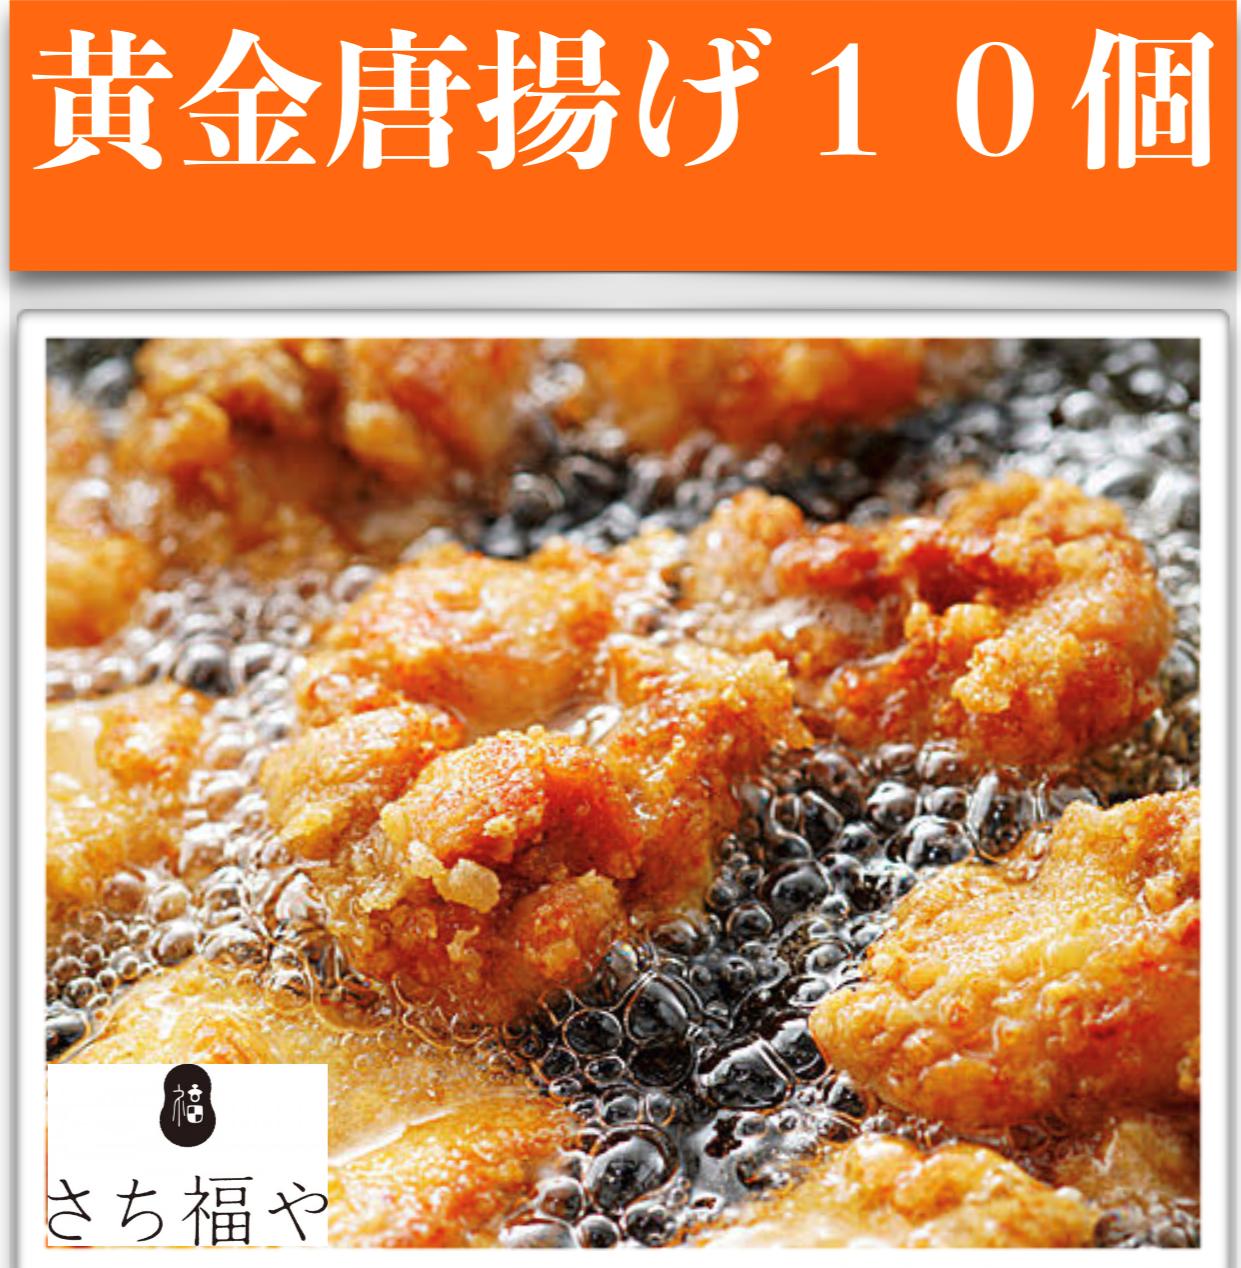 【黄金唐揚げ10個盛り】販売スタート